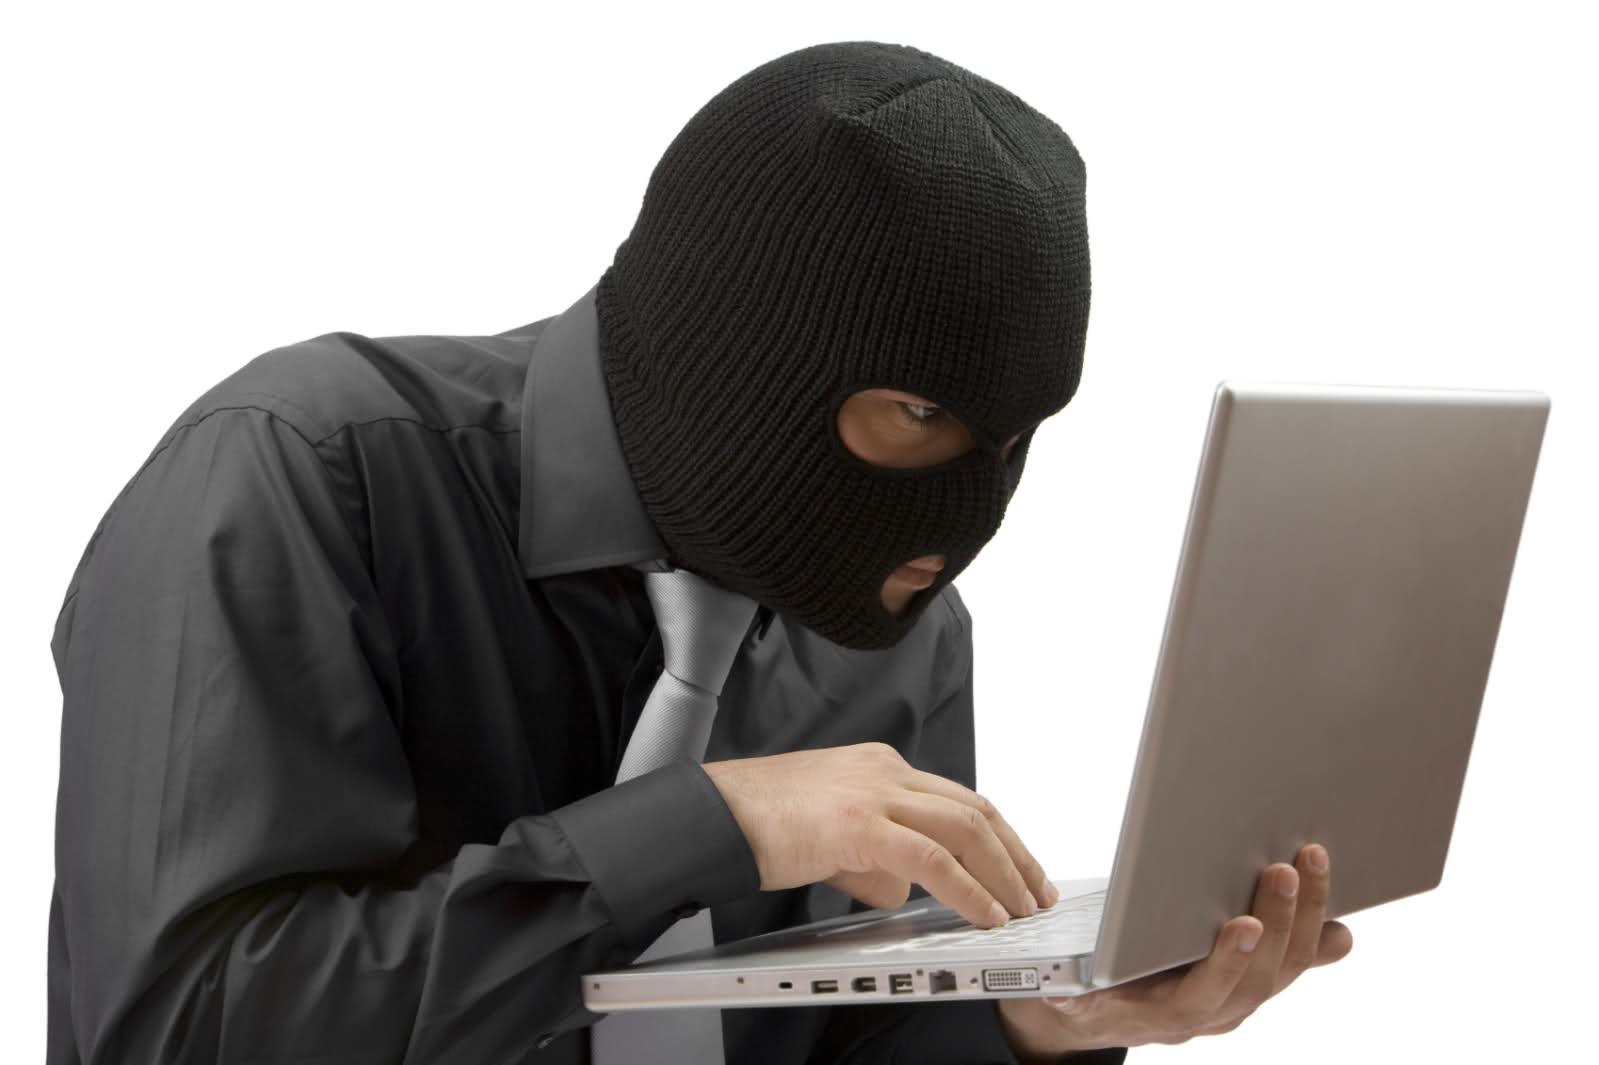 Юзеры лишаются паролей вweb-сети из-за нежелания «усложнять себе жизнь»